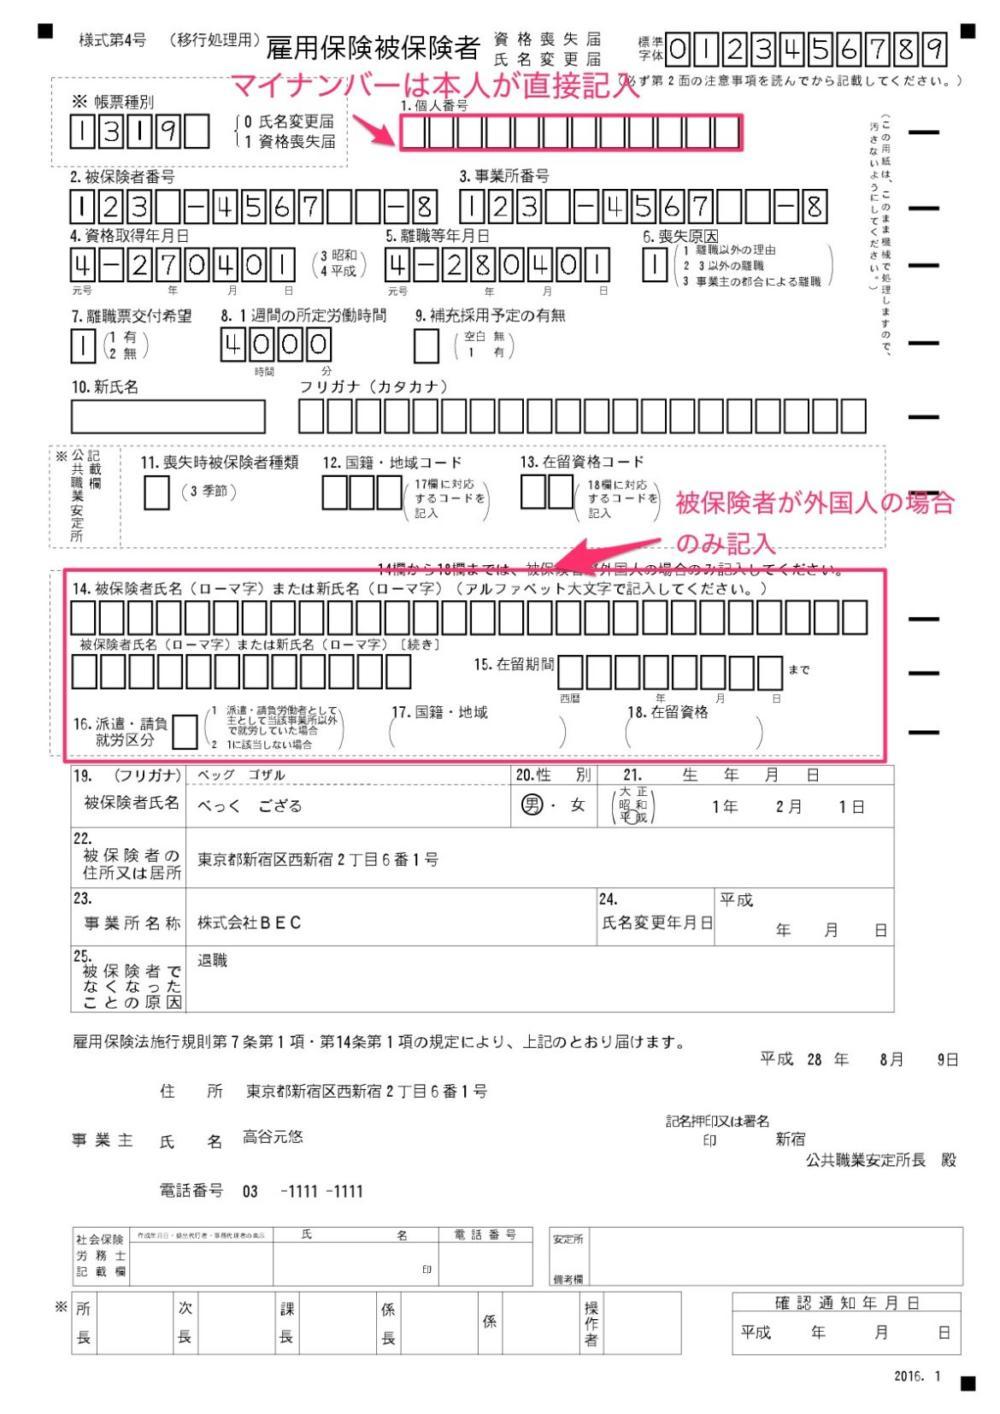 雇用保険喪失・氏名変更届記入例 2